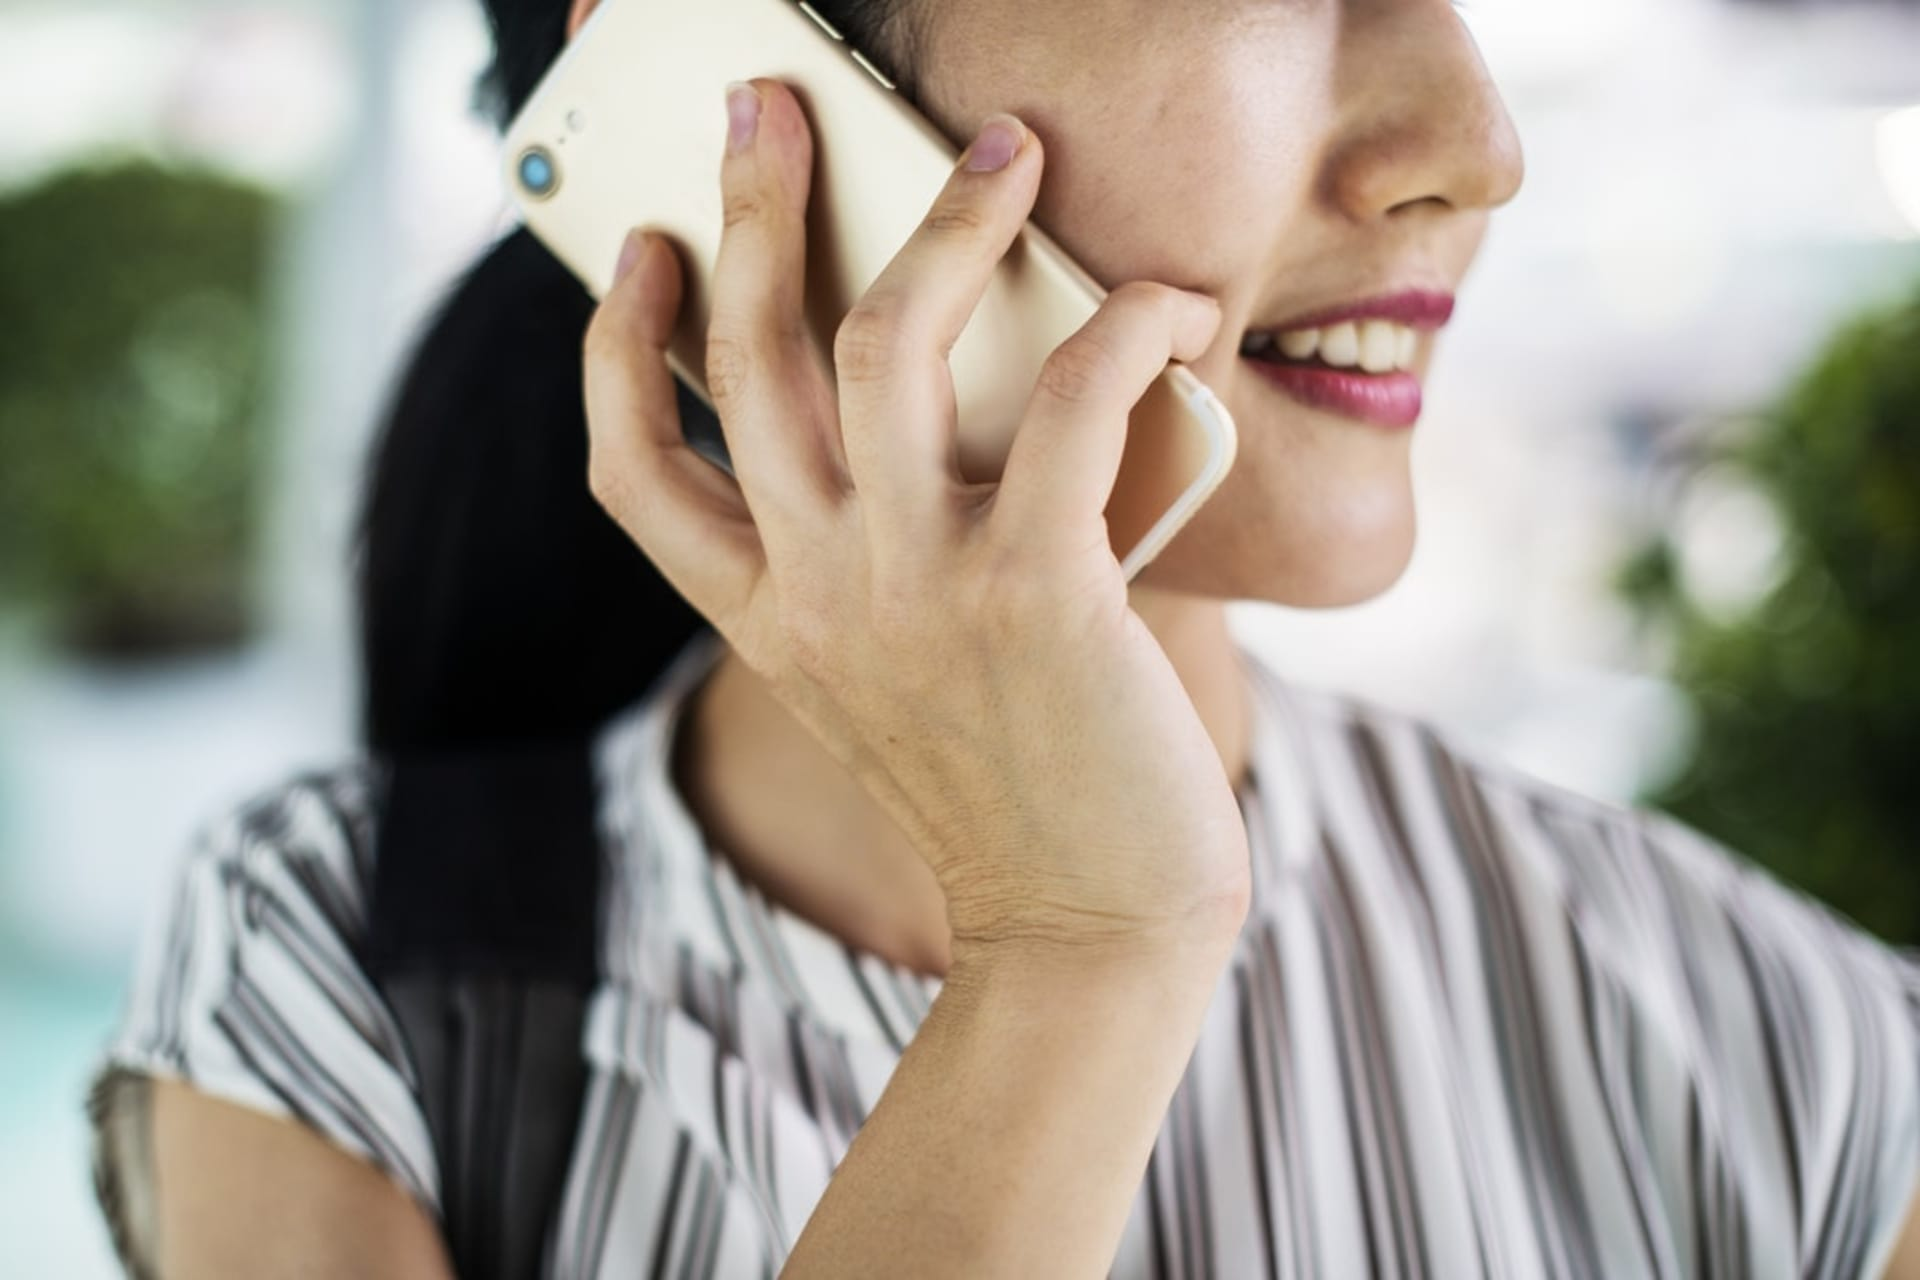 Standardi telefonske komunikacije